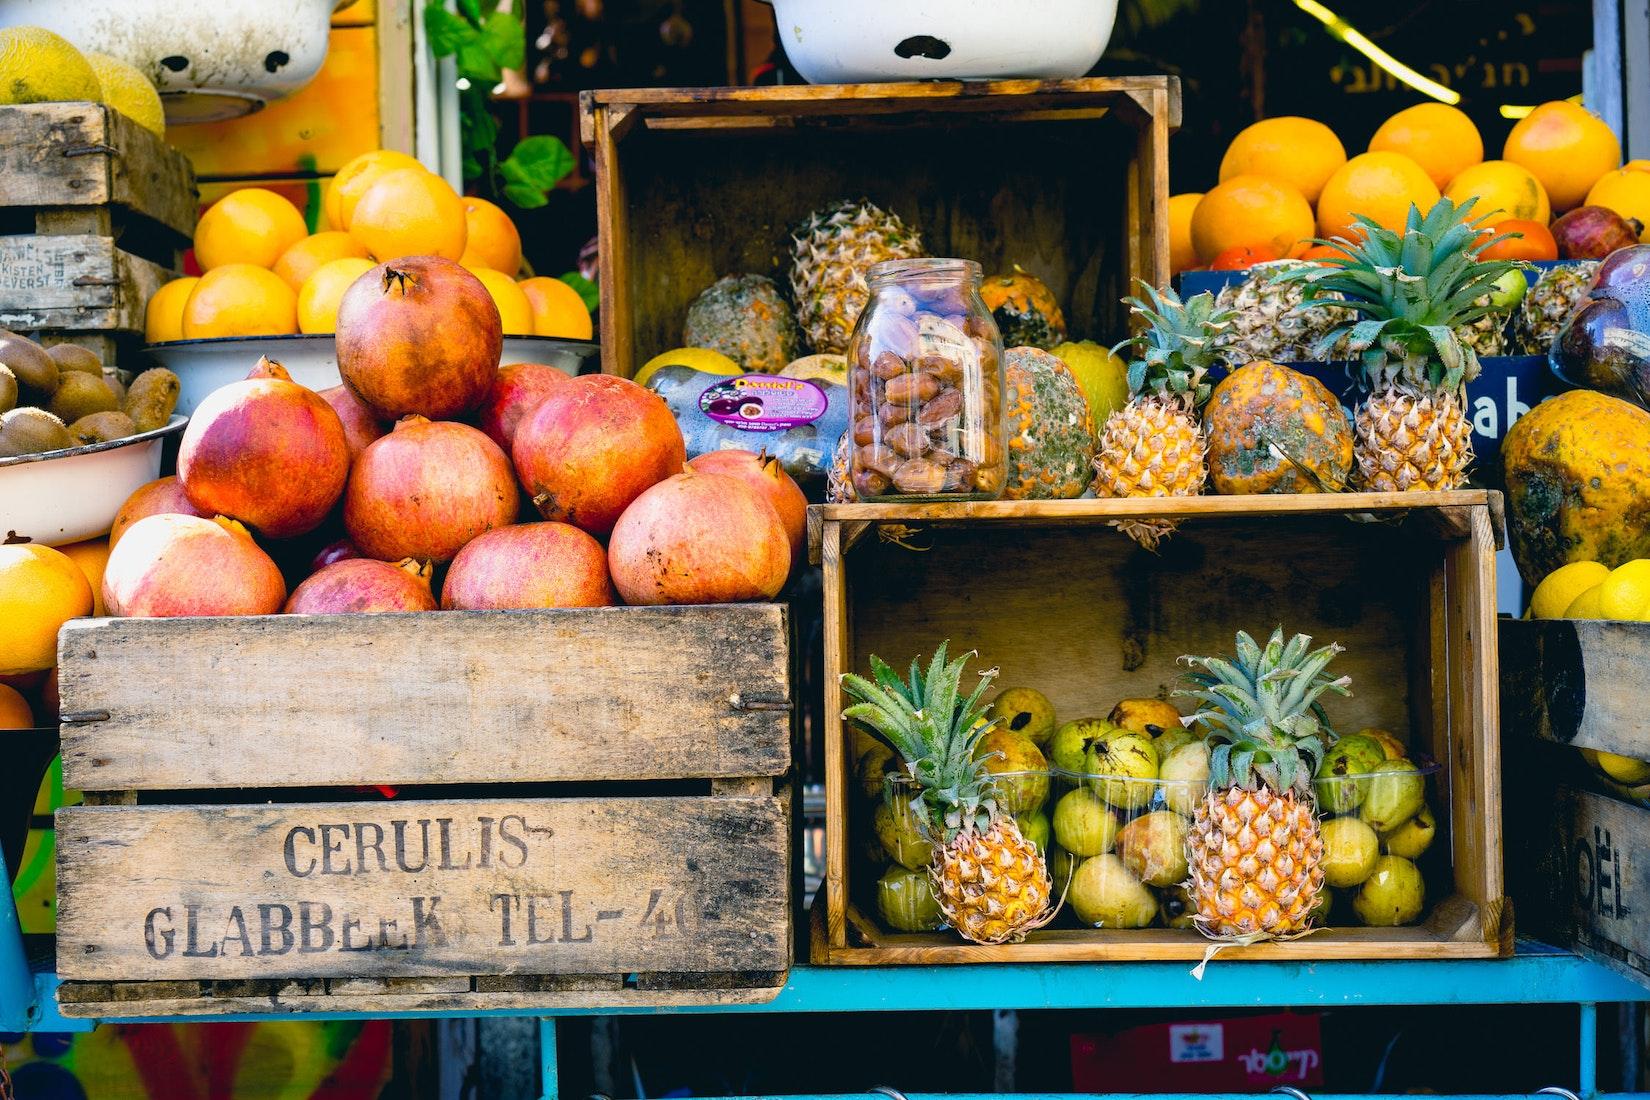 Fruit for sale at a market in Tel Aviv